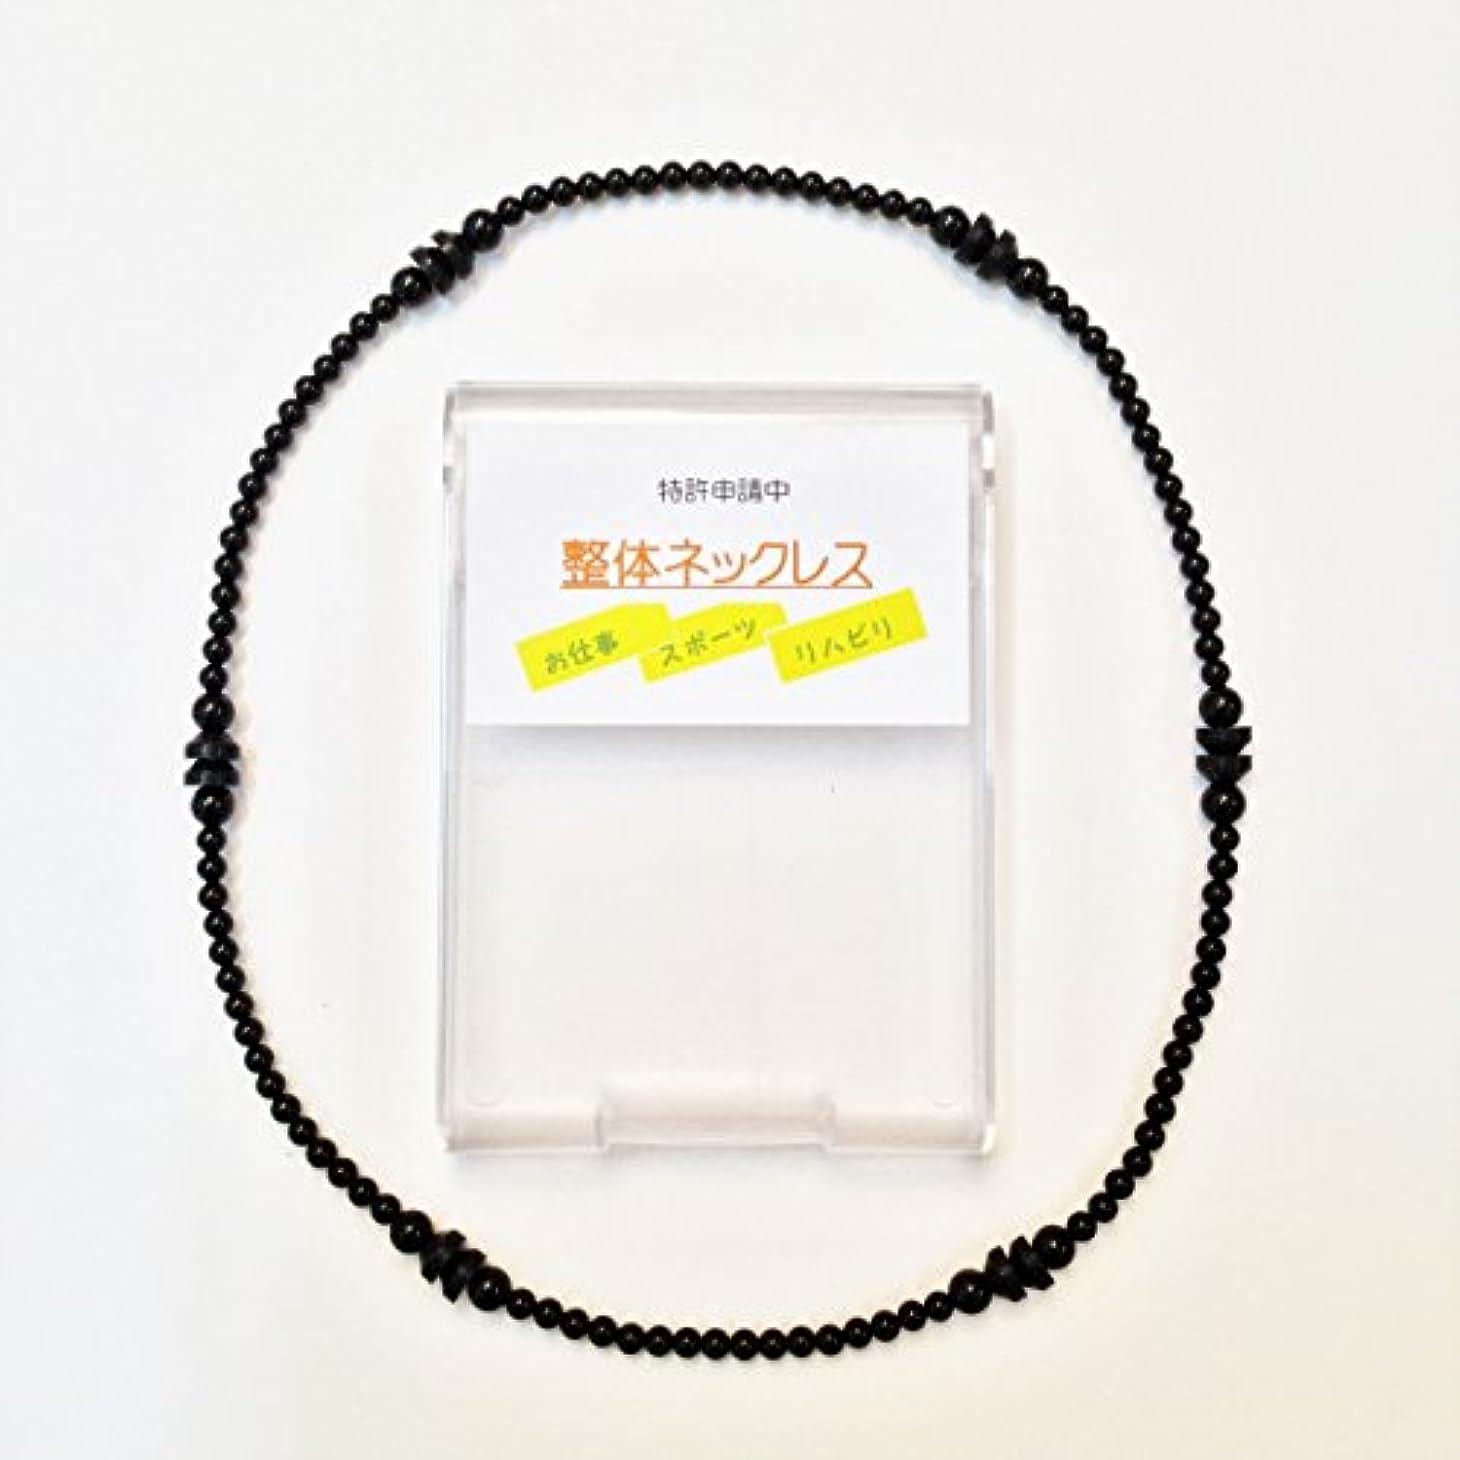 いいね理想的盗難肩楽ネックレス(磁石とチタン入り)特殊ゴムのツボ押し作用 (LL)